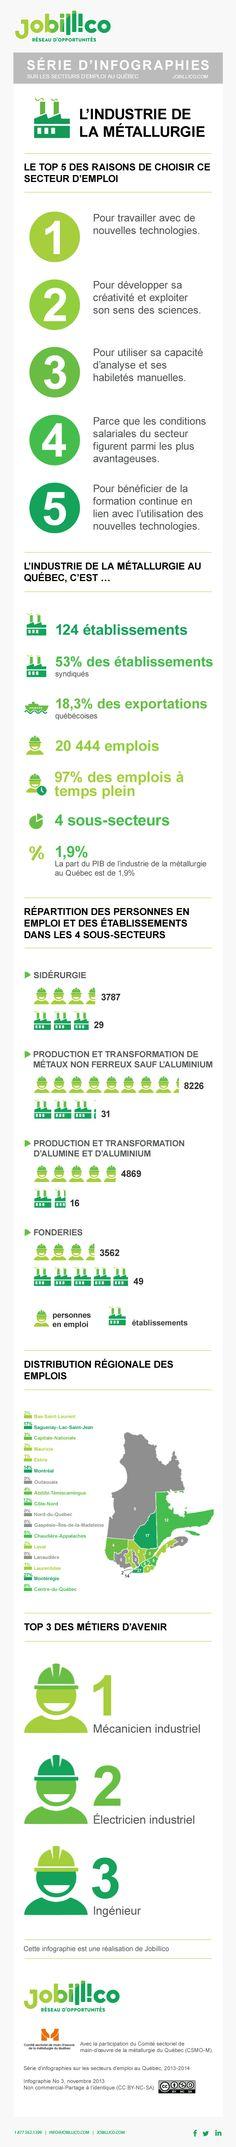 Les chiffres de l'emploi dans l'industrie métallurgique au #Qc en 2013 - #Emploi #infographie